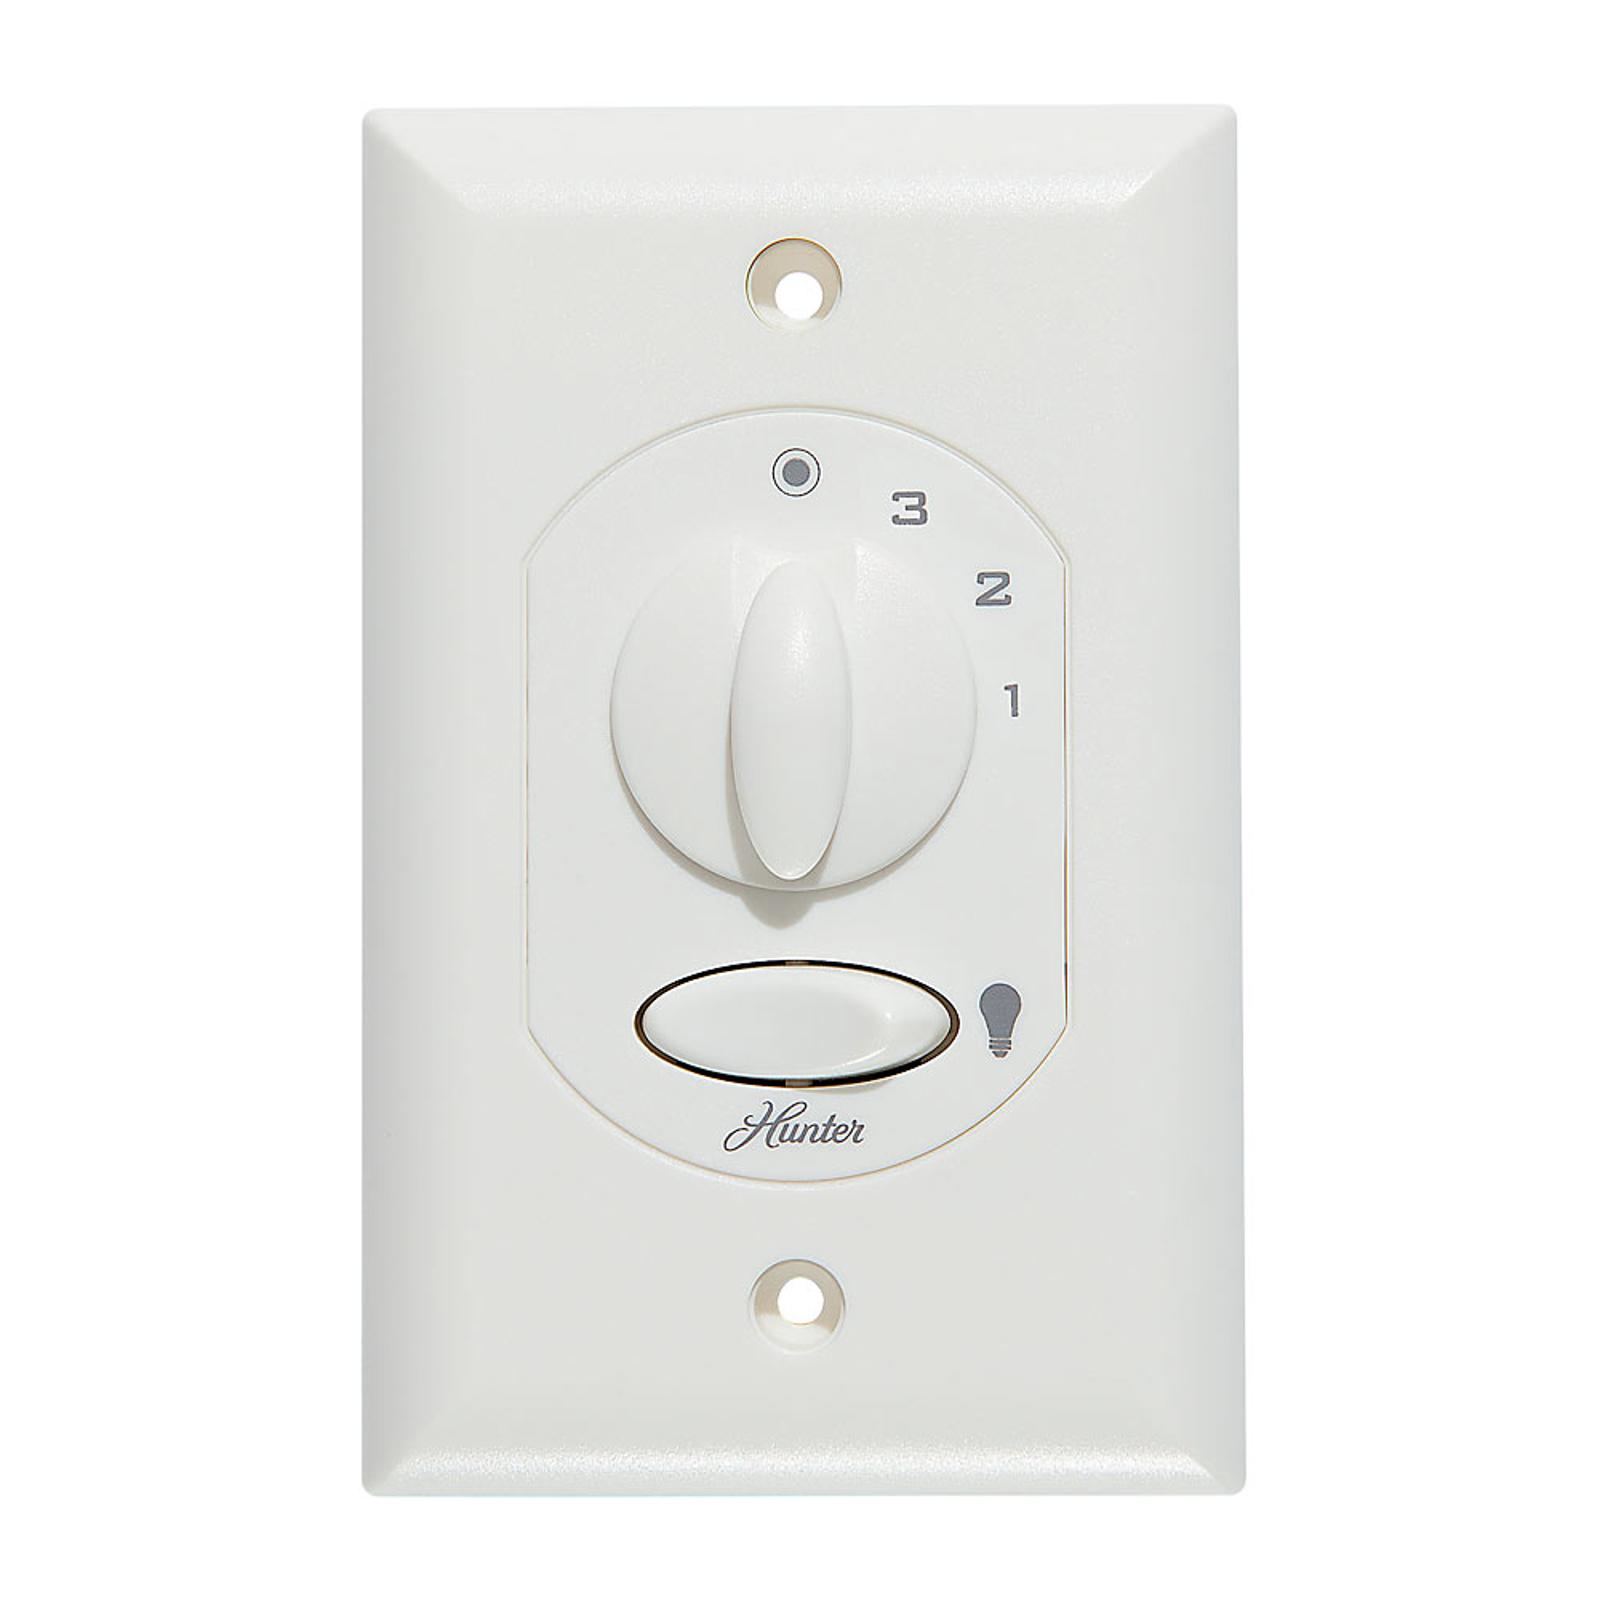 Interrupteur Hunter pour ventilateur à éclairage